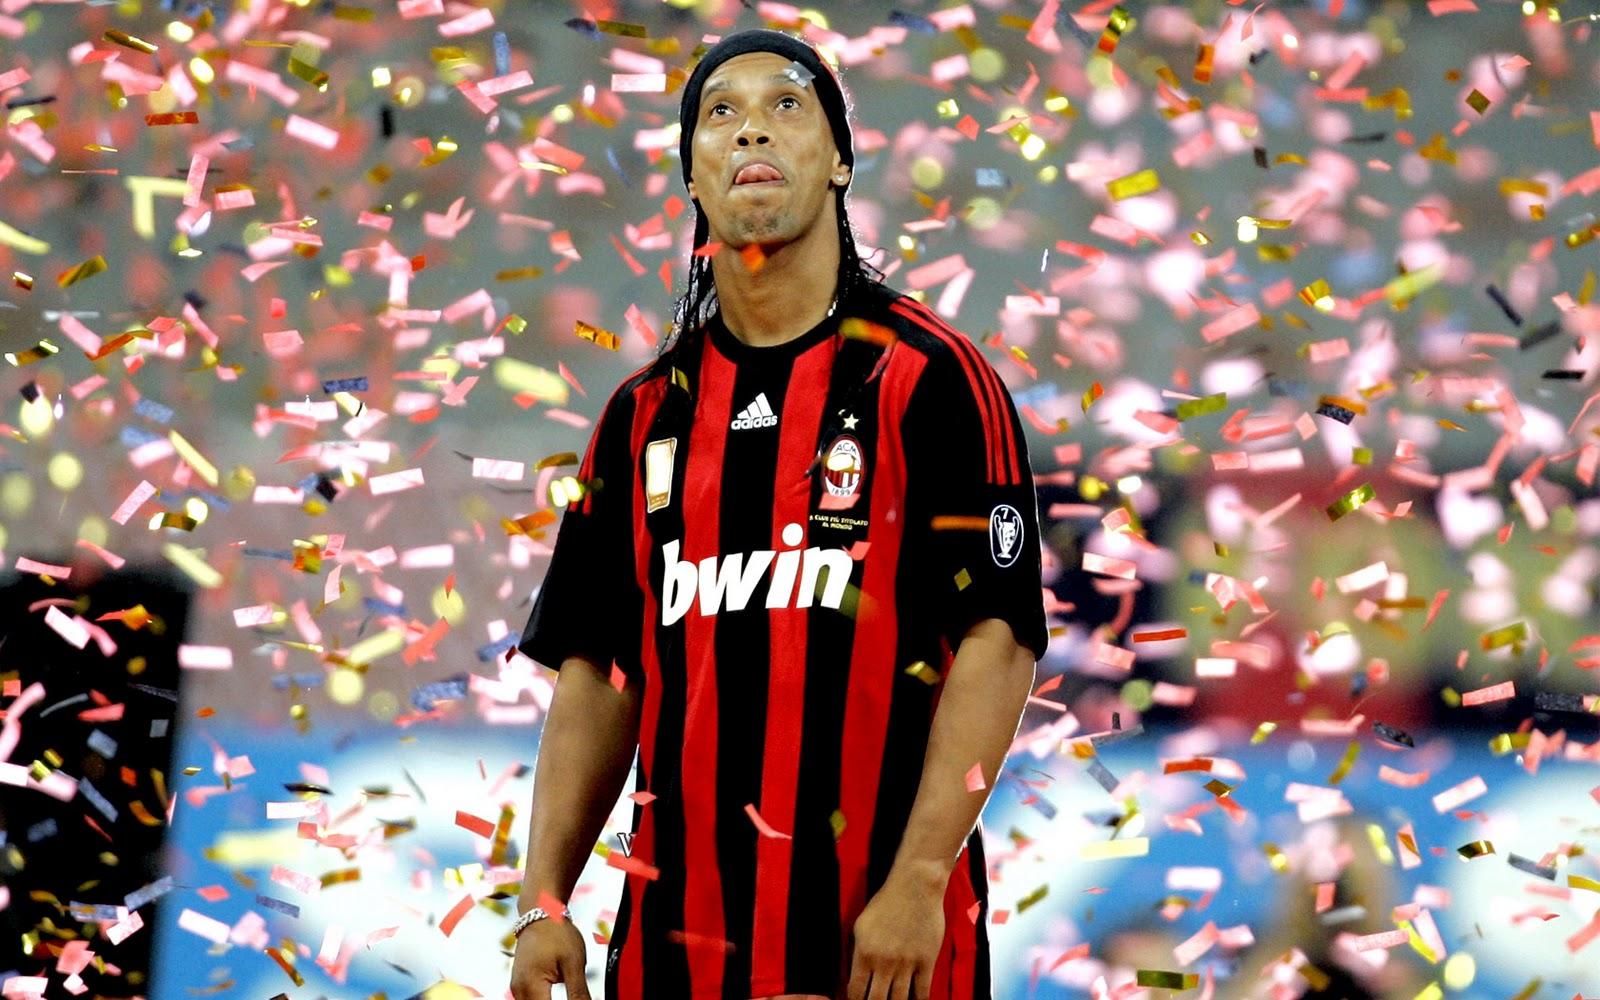 All about football wallpaper ronaldinho - Ronaldinho wallpaper ...